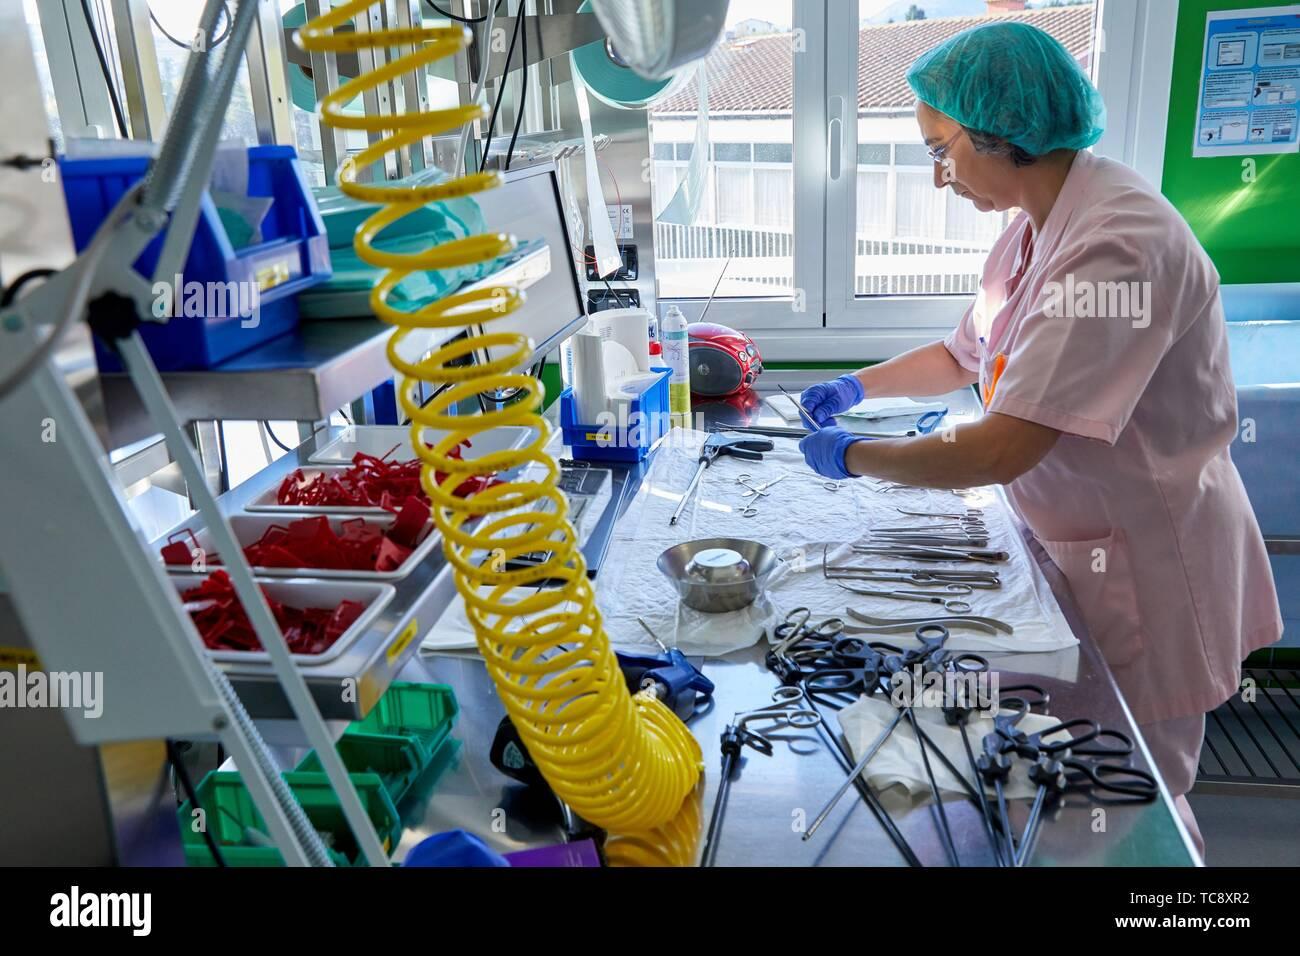 Matériel chirurgical, la stérilisation à l'Autoclave, le nettoyage, l'hôpital Donostia, San Sebastian, Gipuzkoa, Pays Basque, Espagne Photo Stock